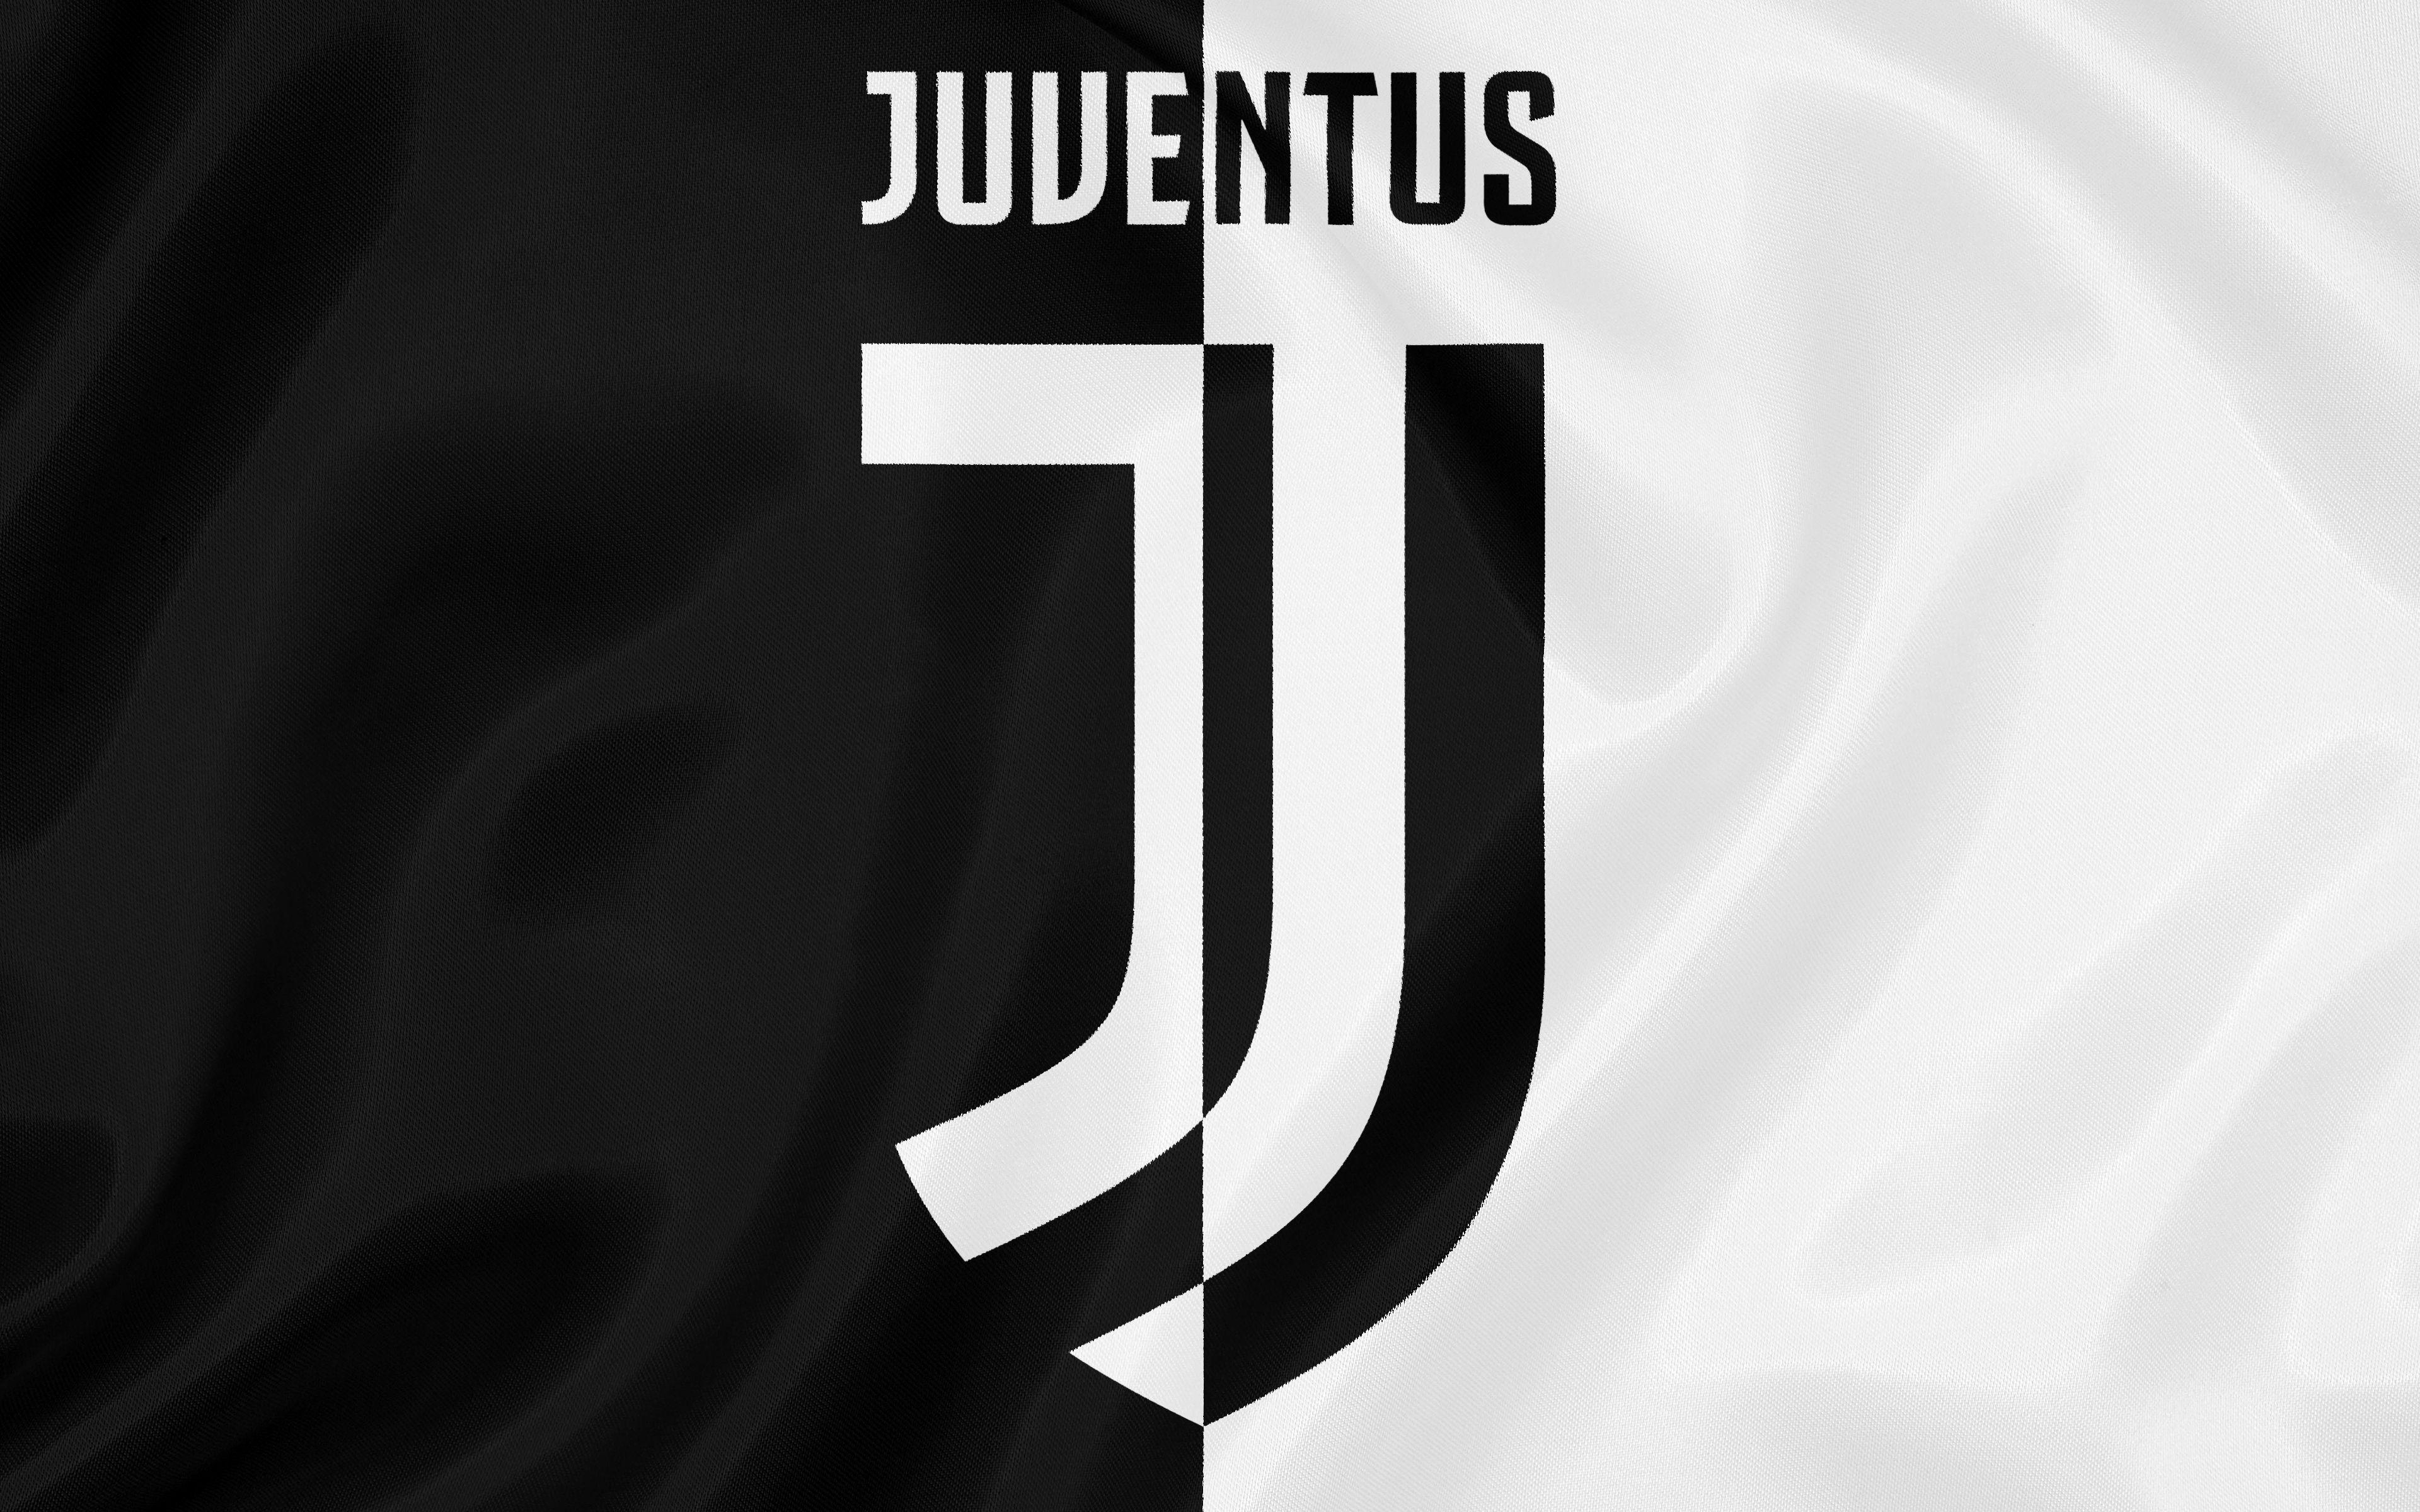 Juventus Logo 4k Ultra Hd Wallpaper Background Image Alt Image Torino Juventus Juventus Ronaldo Juventus